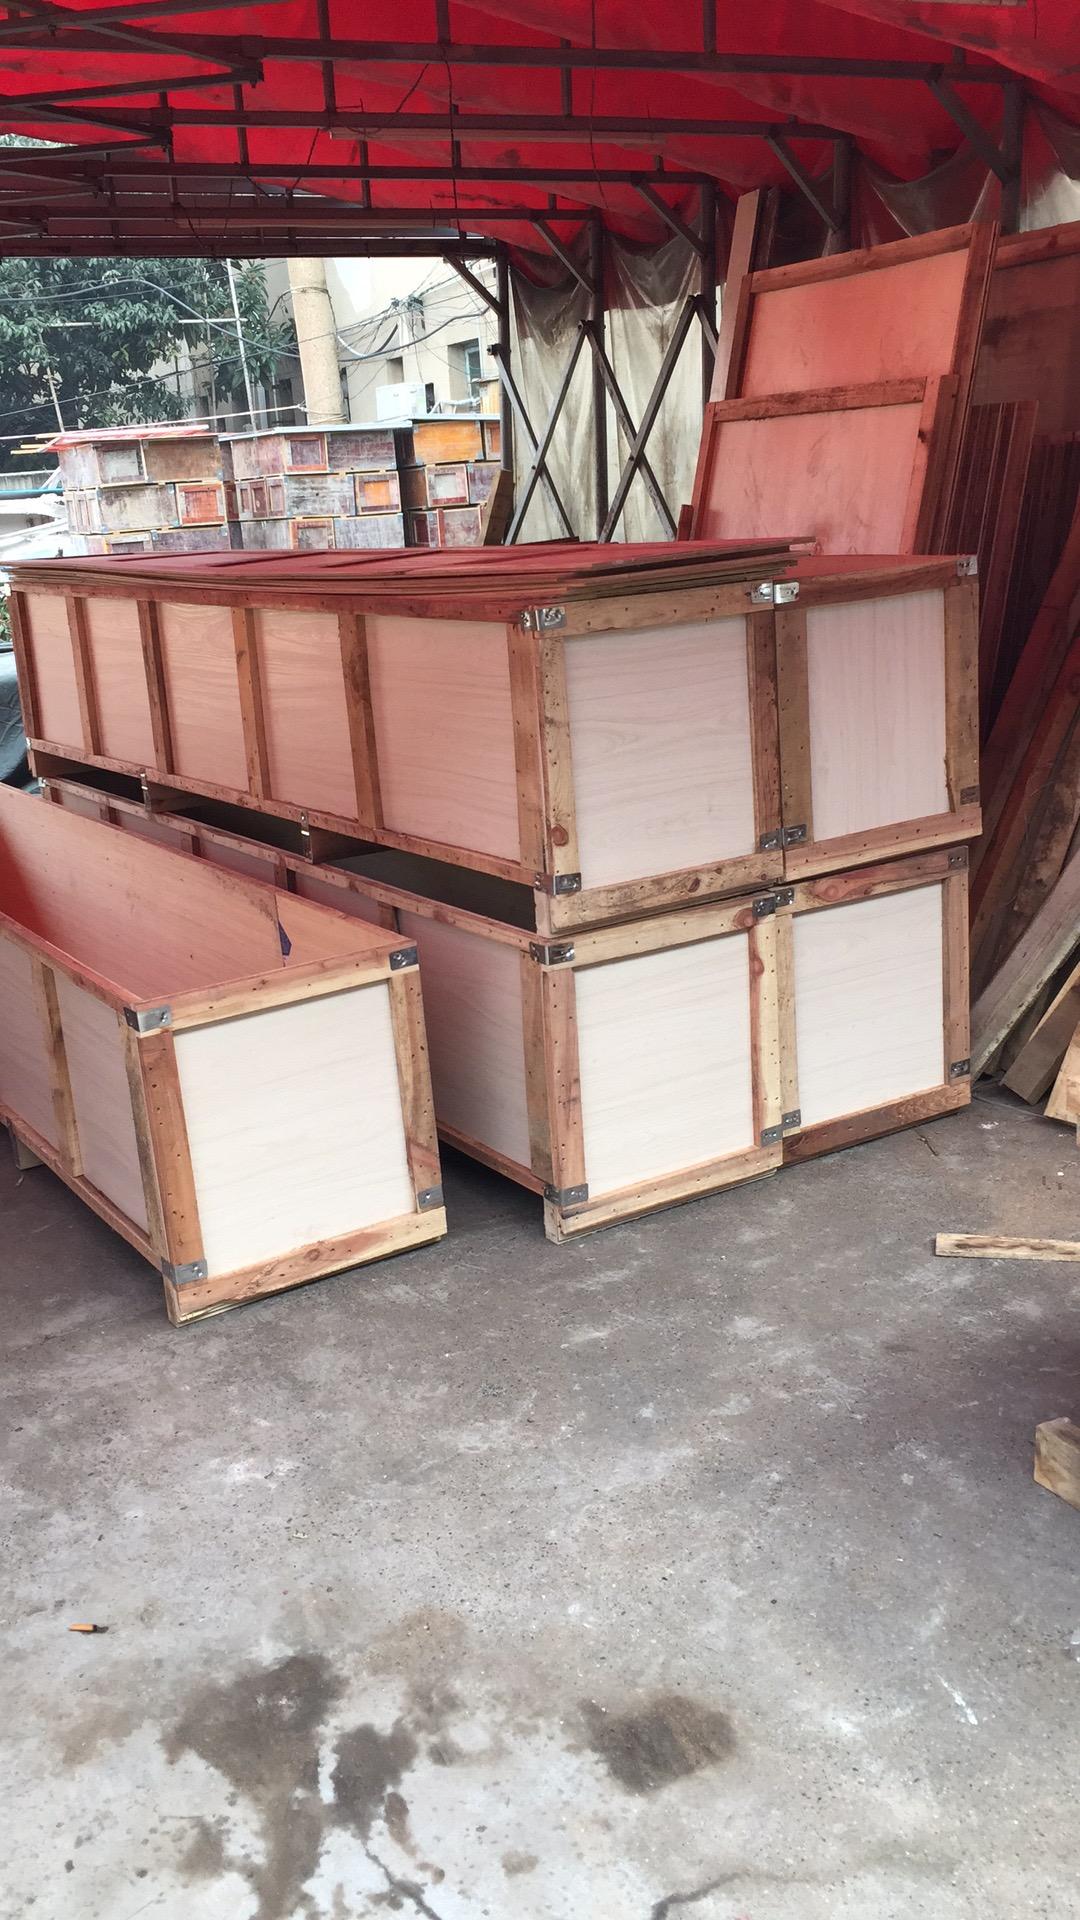 常德打包打木架常德专业打包打木箱负责发货常德打包打木架